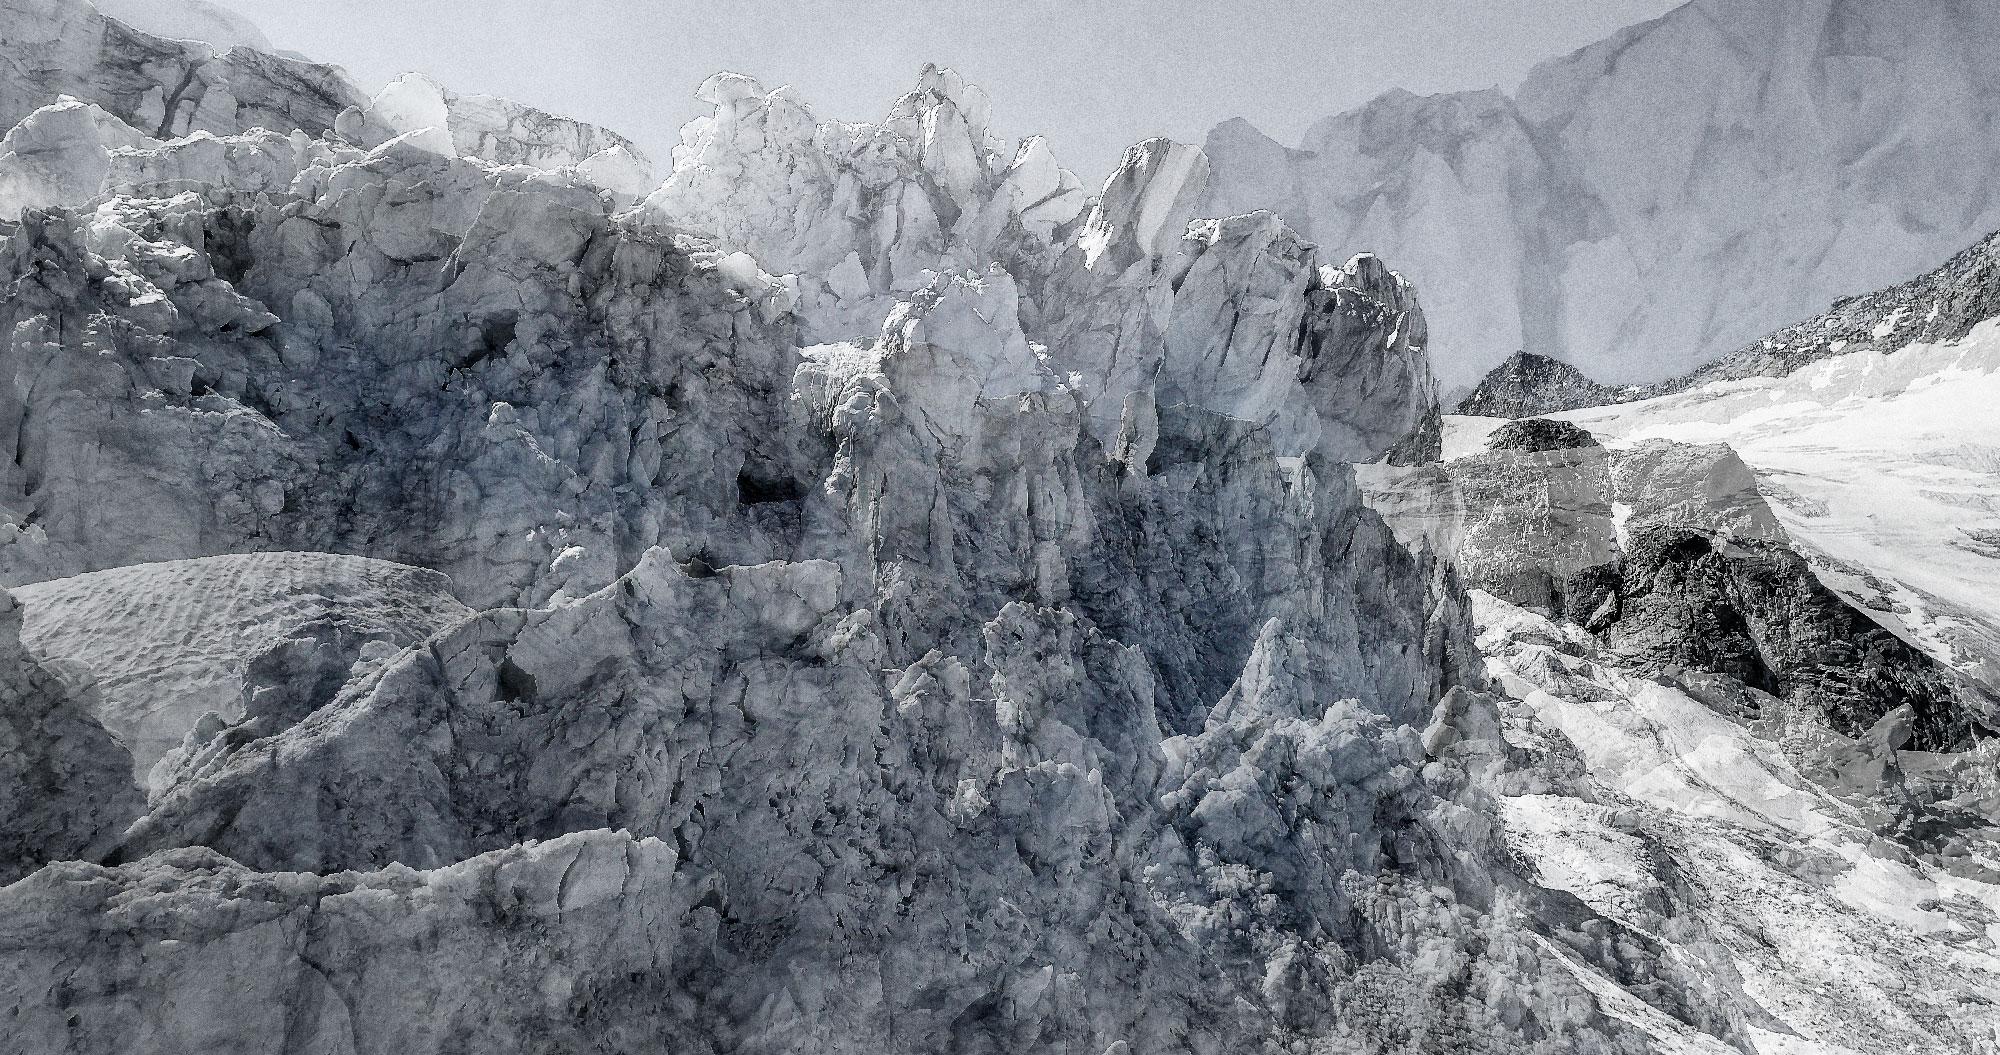 #124 Glaciers offset, 2017, photographie reconstruite à partir de bandes videos, réalisées sur le glacier de Moiry  #124 Glaciers offset, 2017, photographie reconstruite à partir de bandes videos, réalisées sur le glacier de Moiry